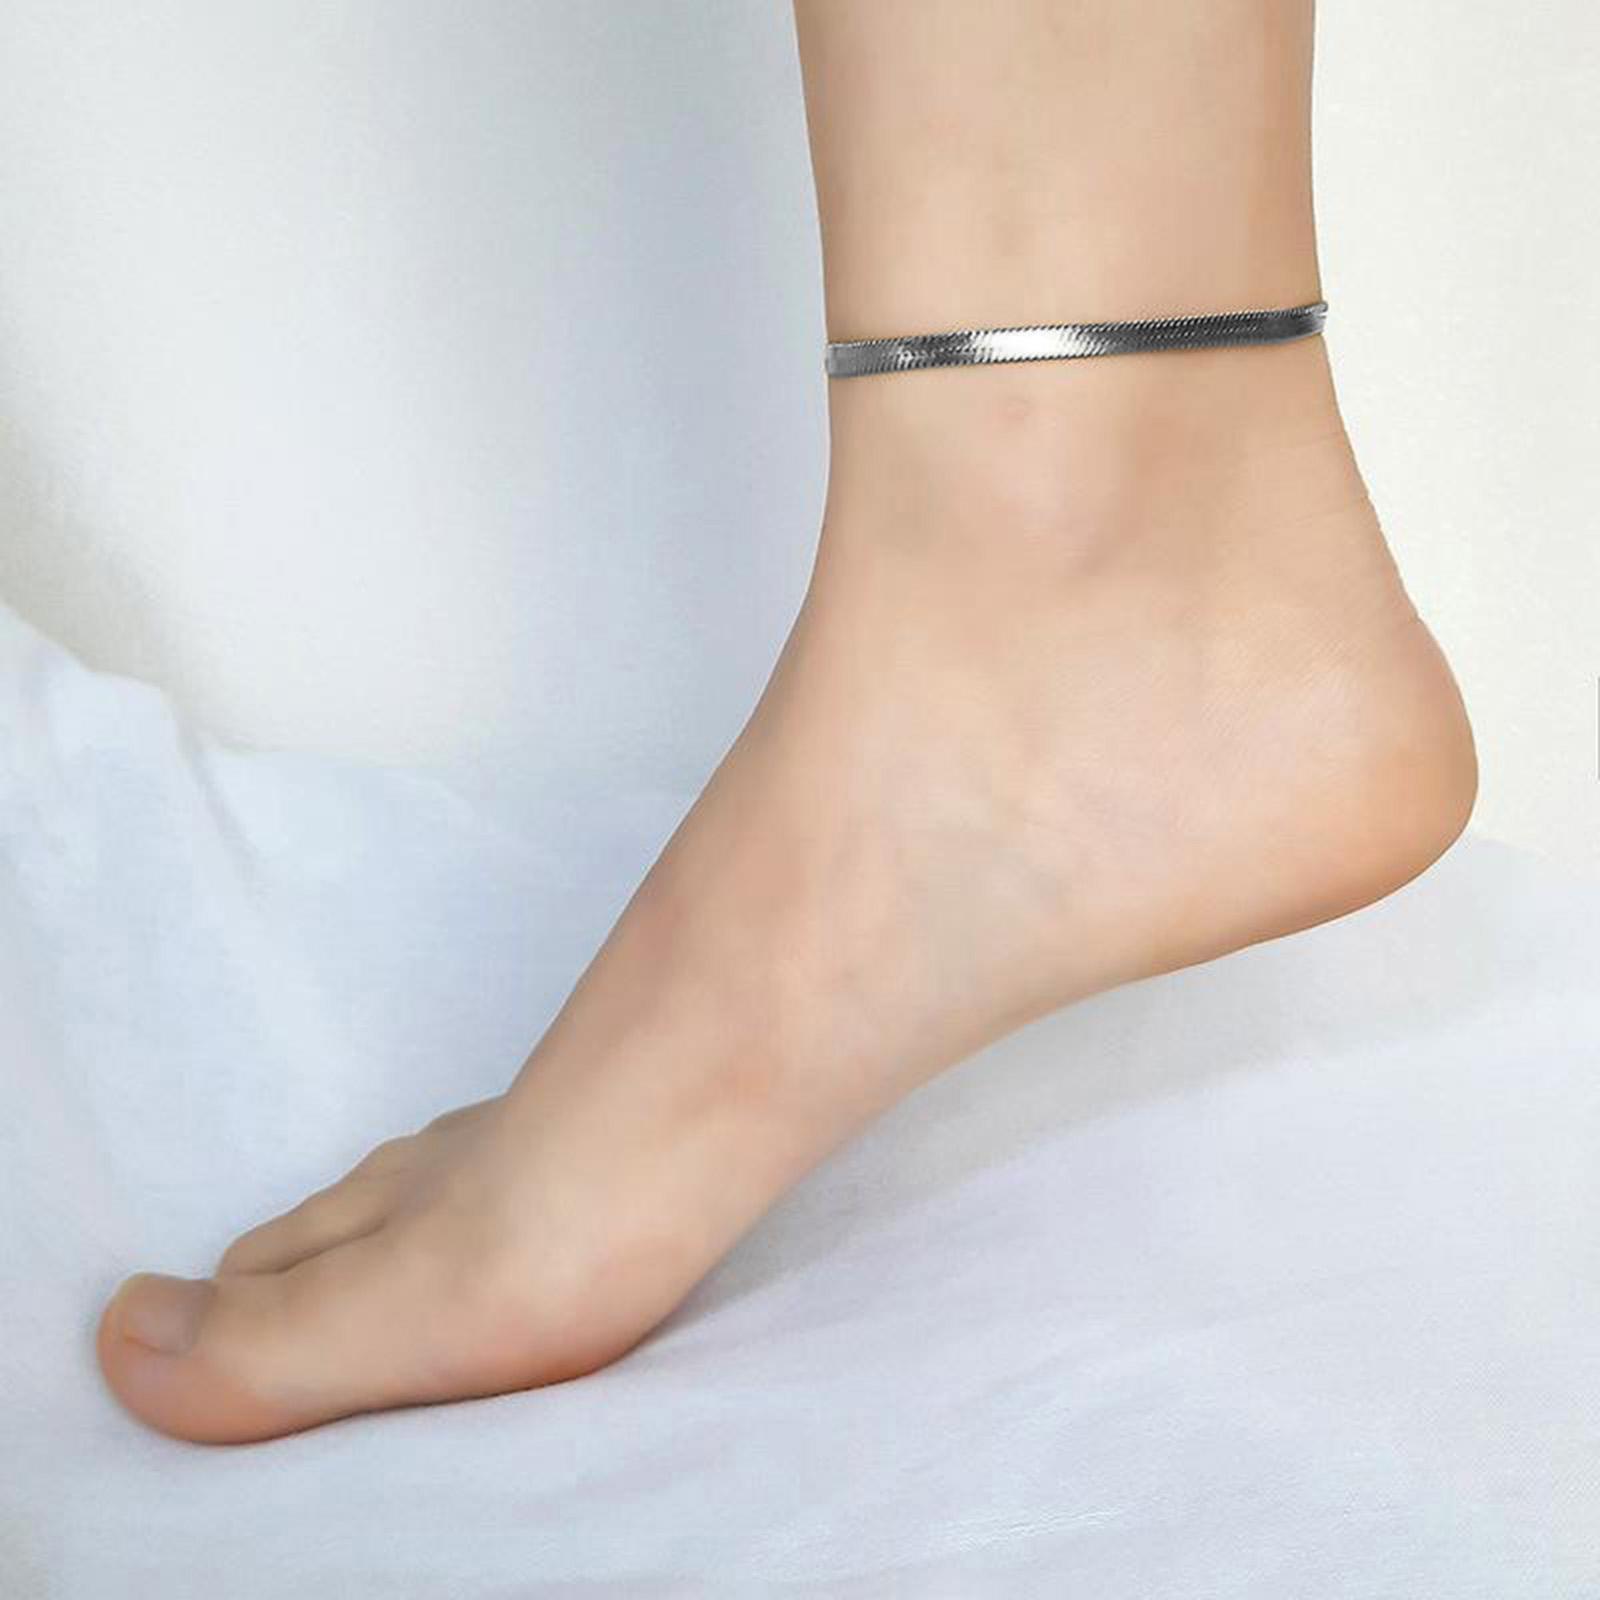 miniatura 3 - Collana-girocollo-a-catena-in-acciaio-inossidabile-per-gioielli-con-ciondoli